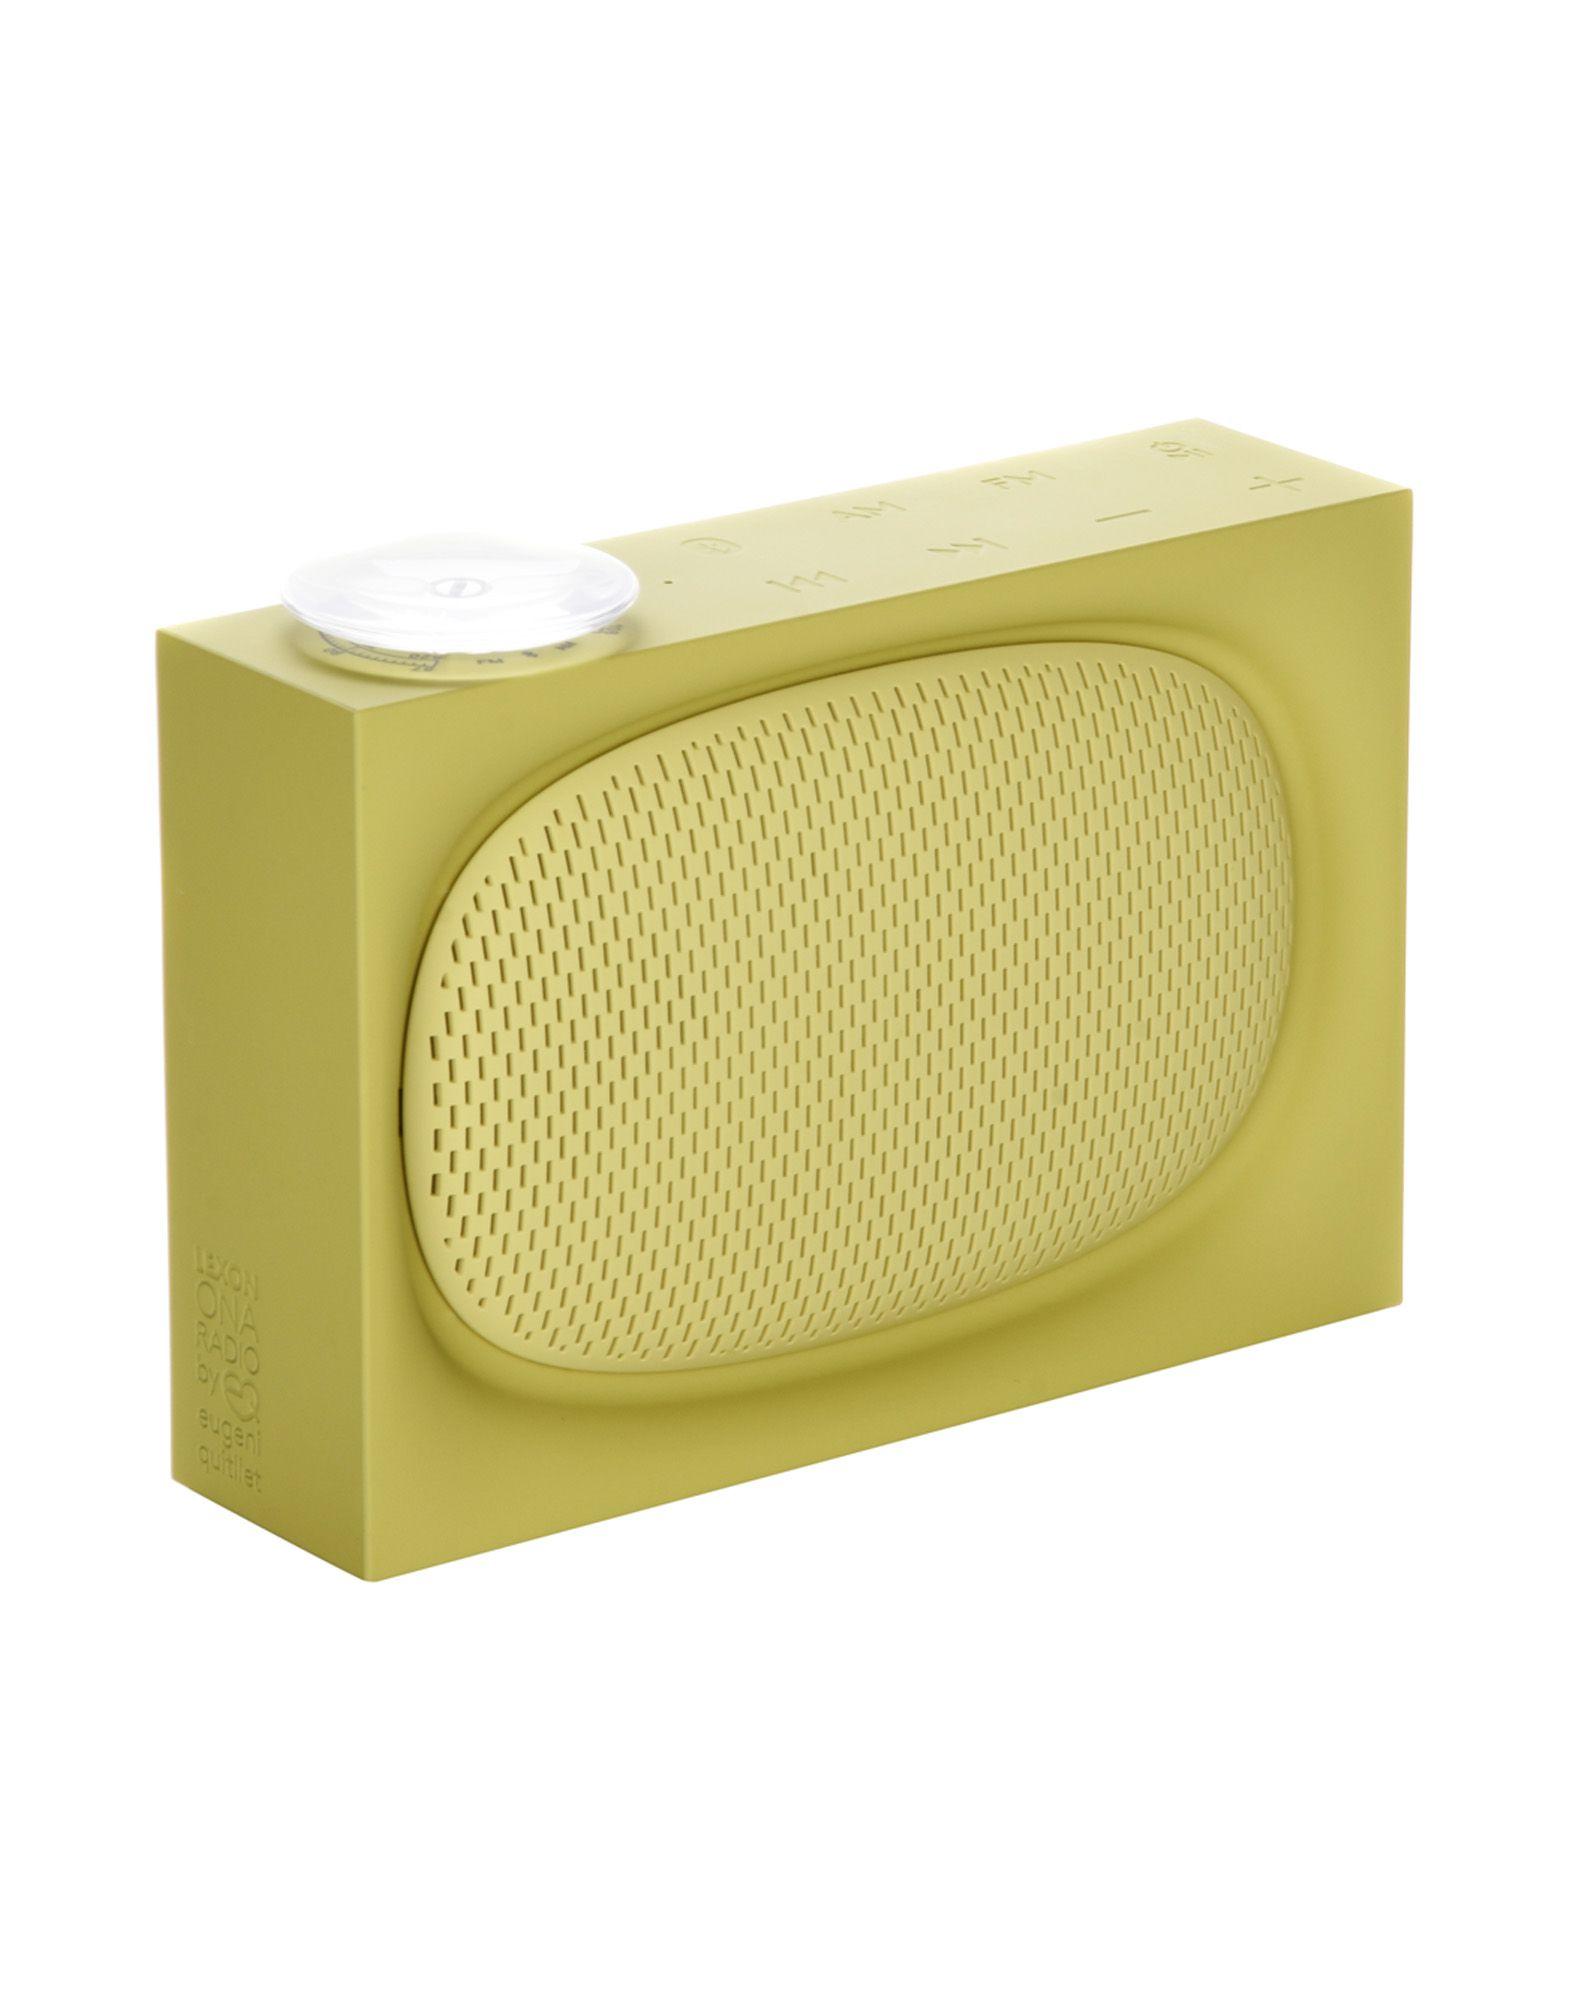 LEXON Радио билеты дискотеку детского радио